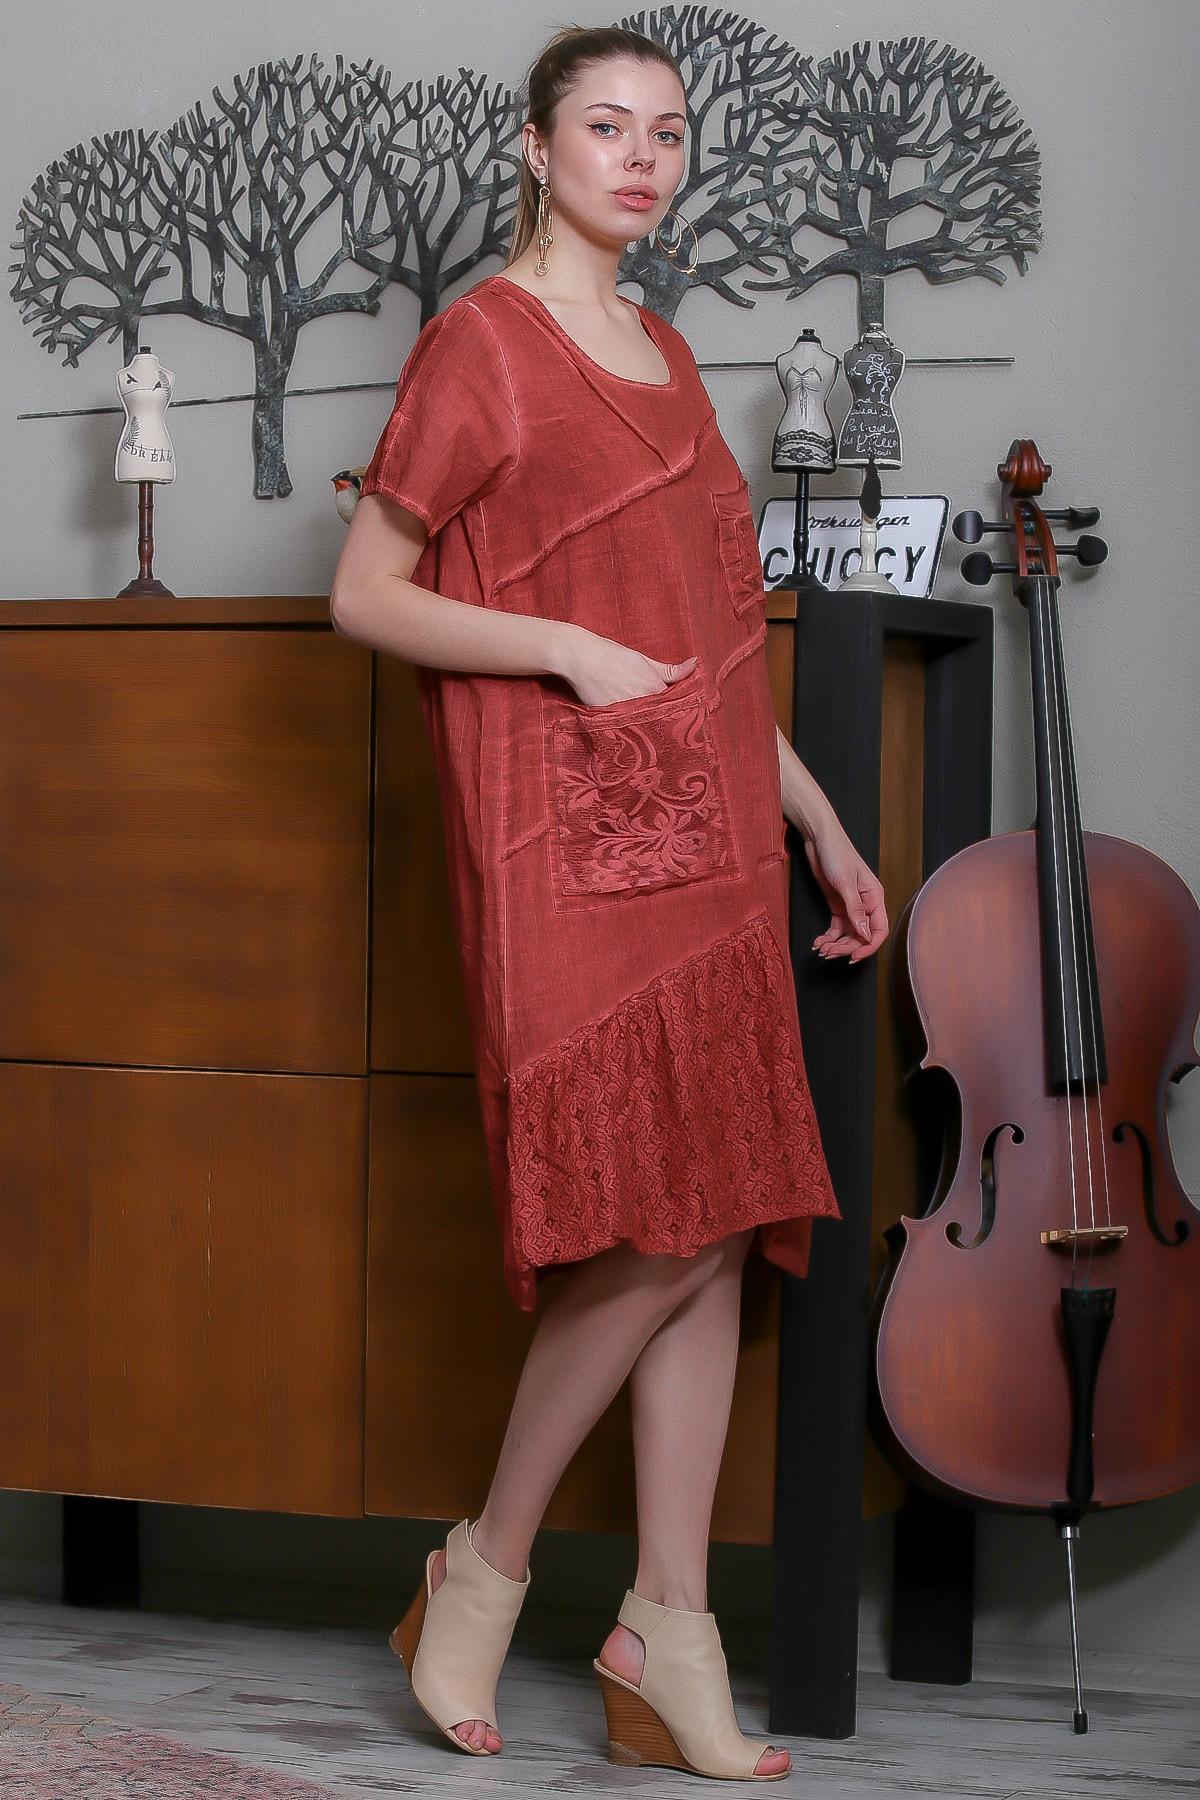 Chiccy Kadın Kiremit Sıfır Yaka Dantel Bloklu Cepli Astarlı Yıkamalı Elbise M10160000EL95294 3